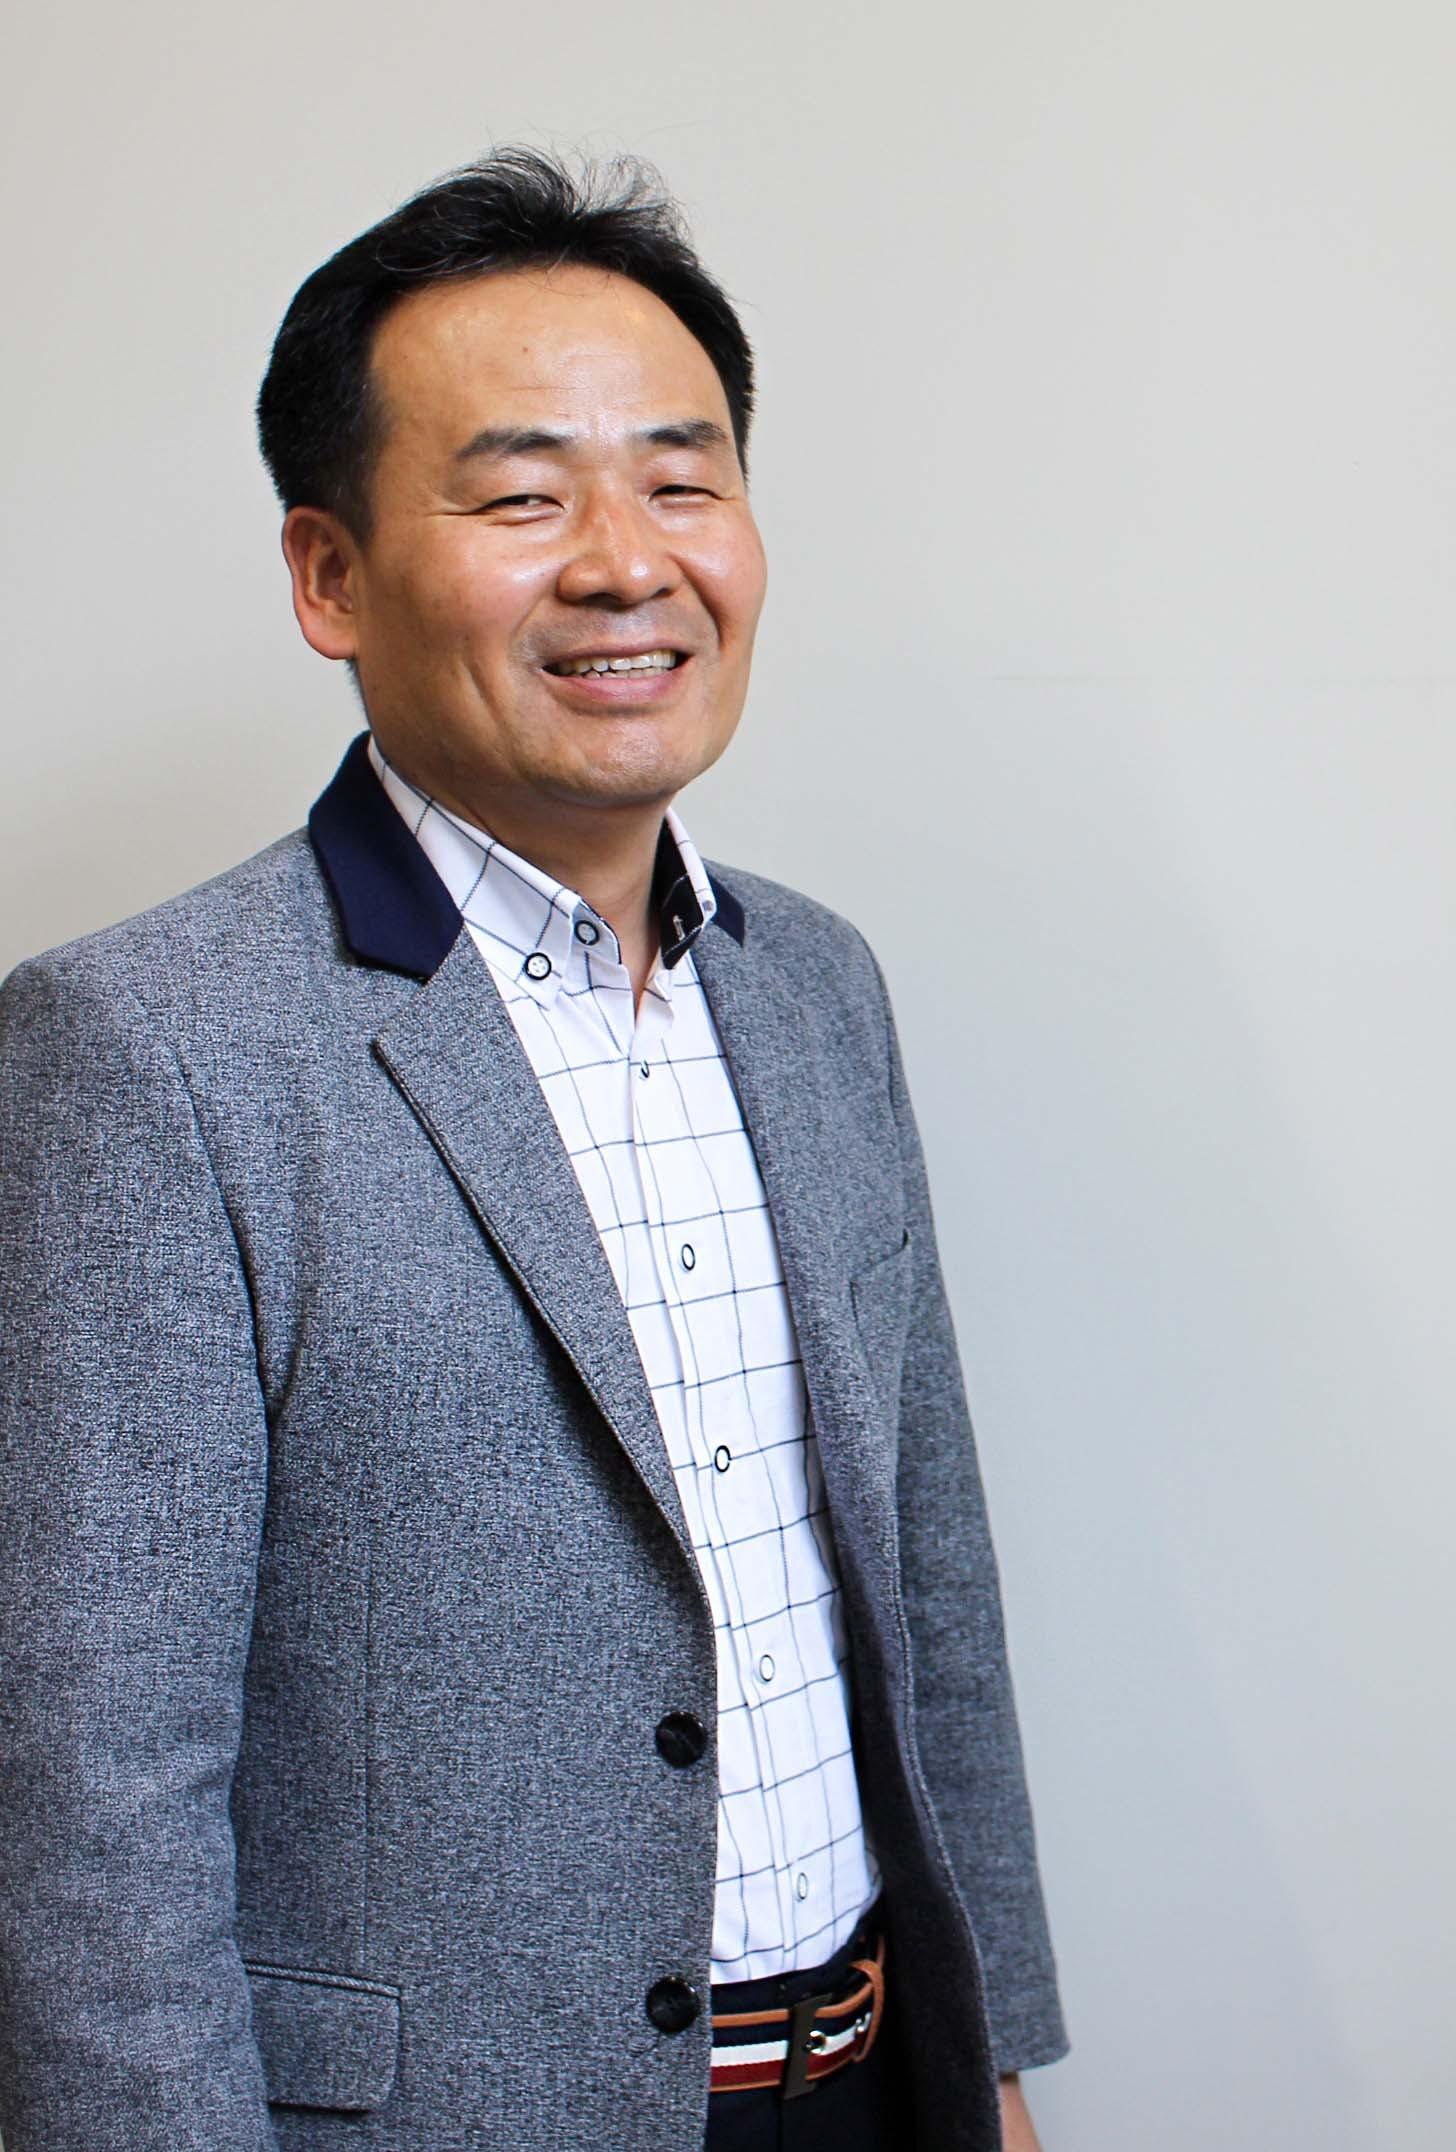 1987년 전자신문을 시작으로 27년 이상 신문기자로 일했다. 전자신문(1987~1988), 서울경제신문(1988~1995)을 거쳐 1995년부터 한국경제신문(1995~2014)에서 기자로 근무했다. 생활경제부장, IT부장, 기획부장, 디지털전략부장과 IT 전문기자 겸 한경플러스부장(부국장)을 지냈다. 한경플러스부장 시절에는 사실상 사내 벤처를 운영했다. 개발자와 디자이너를 거느리고 한국경제의 디지털 신문인 '한경플러스서비스'를 이끌었다. 김 센터장은 기자 시절 '광파리'란 필명으로 온라인 공간에서 주로 테크(IT) 소식을 전하는 큐레이터 역할도 했고, '광파리의 IT 이야기' 블로그도 운영했다. 블로그, 트위터, 페이스북, 구글+ 등을 통해 IT 소식을 쉽고 재미있게 전달했다. 김 센터장은 1961년생으로 전남대 영문과, 서강대 대학원 영문과와 서강대 경제대학원(국제경제)을 졸업했다. 2015년 1월 1일 은행권청년창업재단 기업가정신센터(D.CAMP) 센터장으로 취임했다.